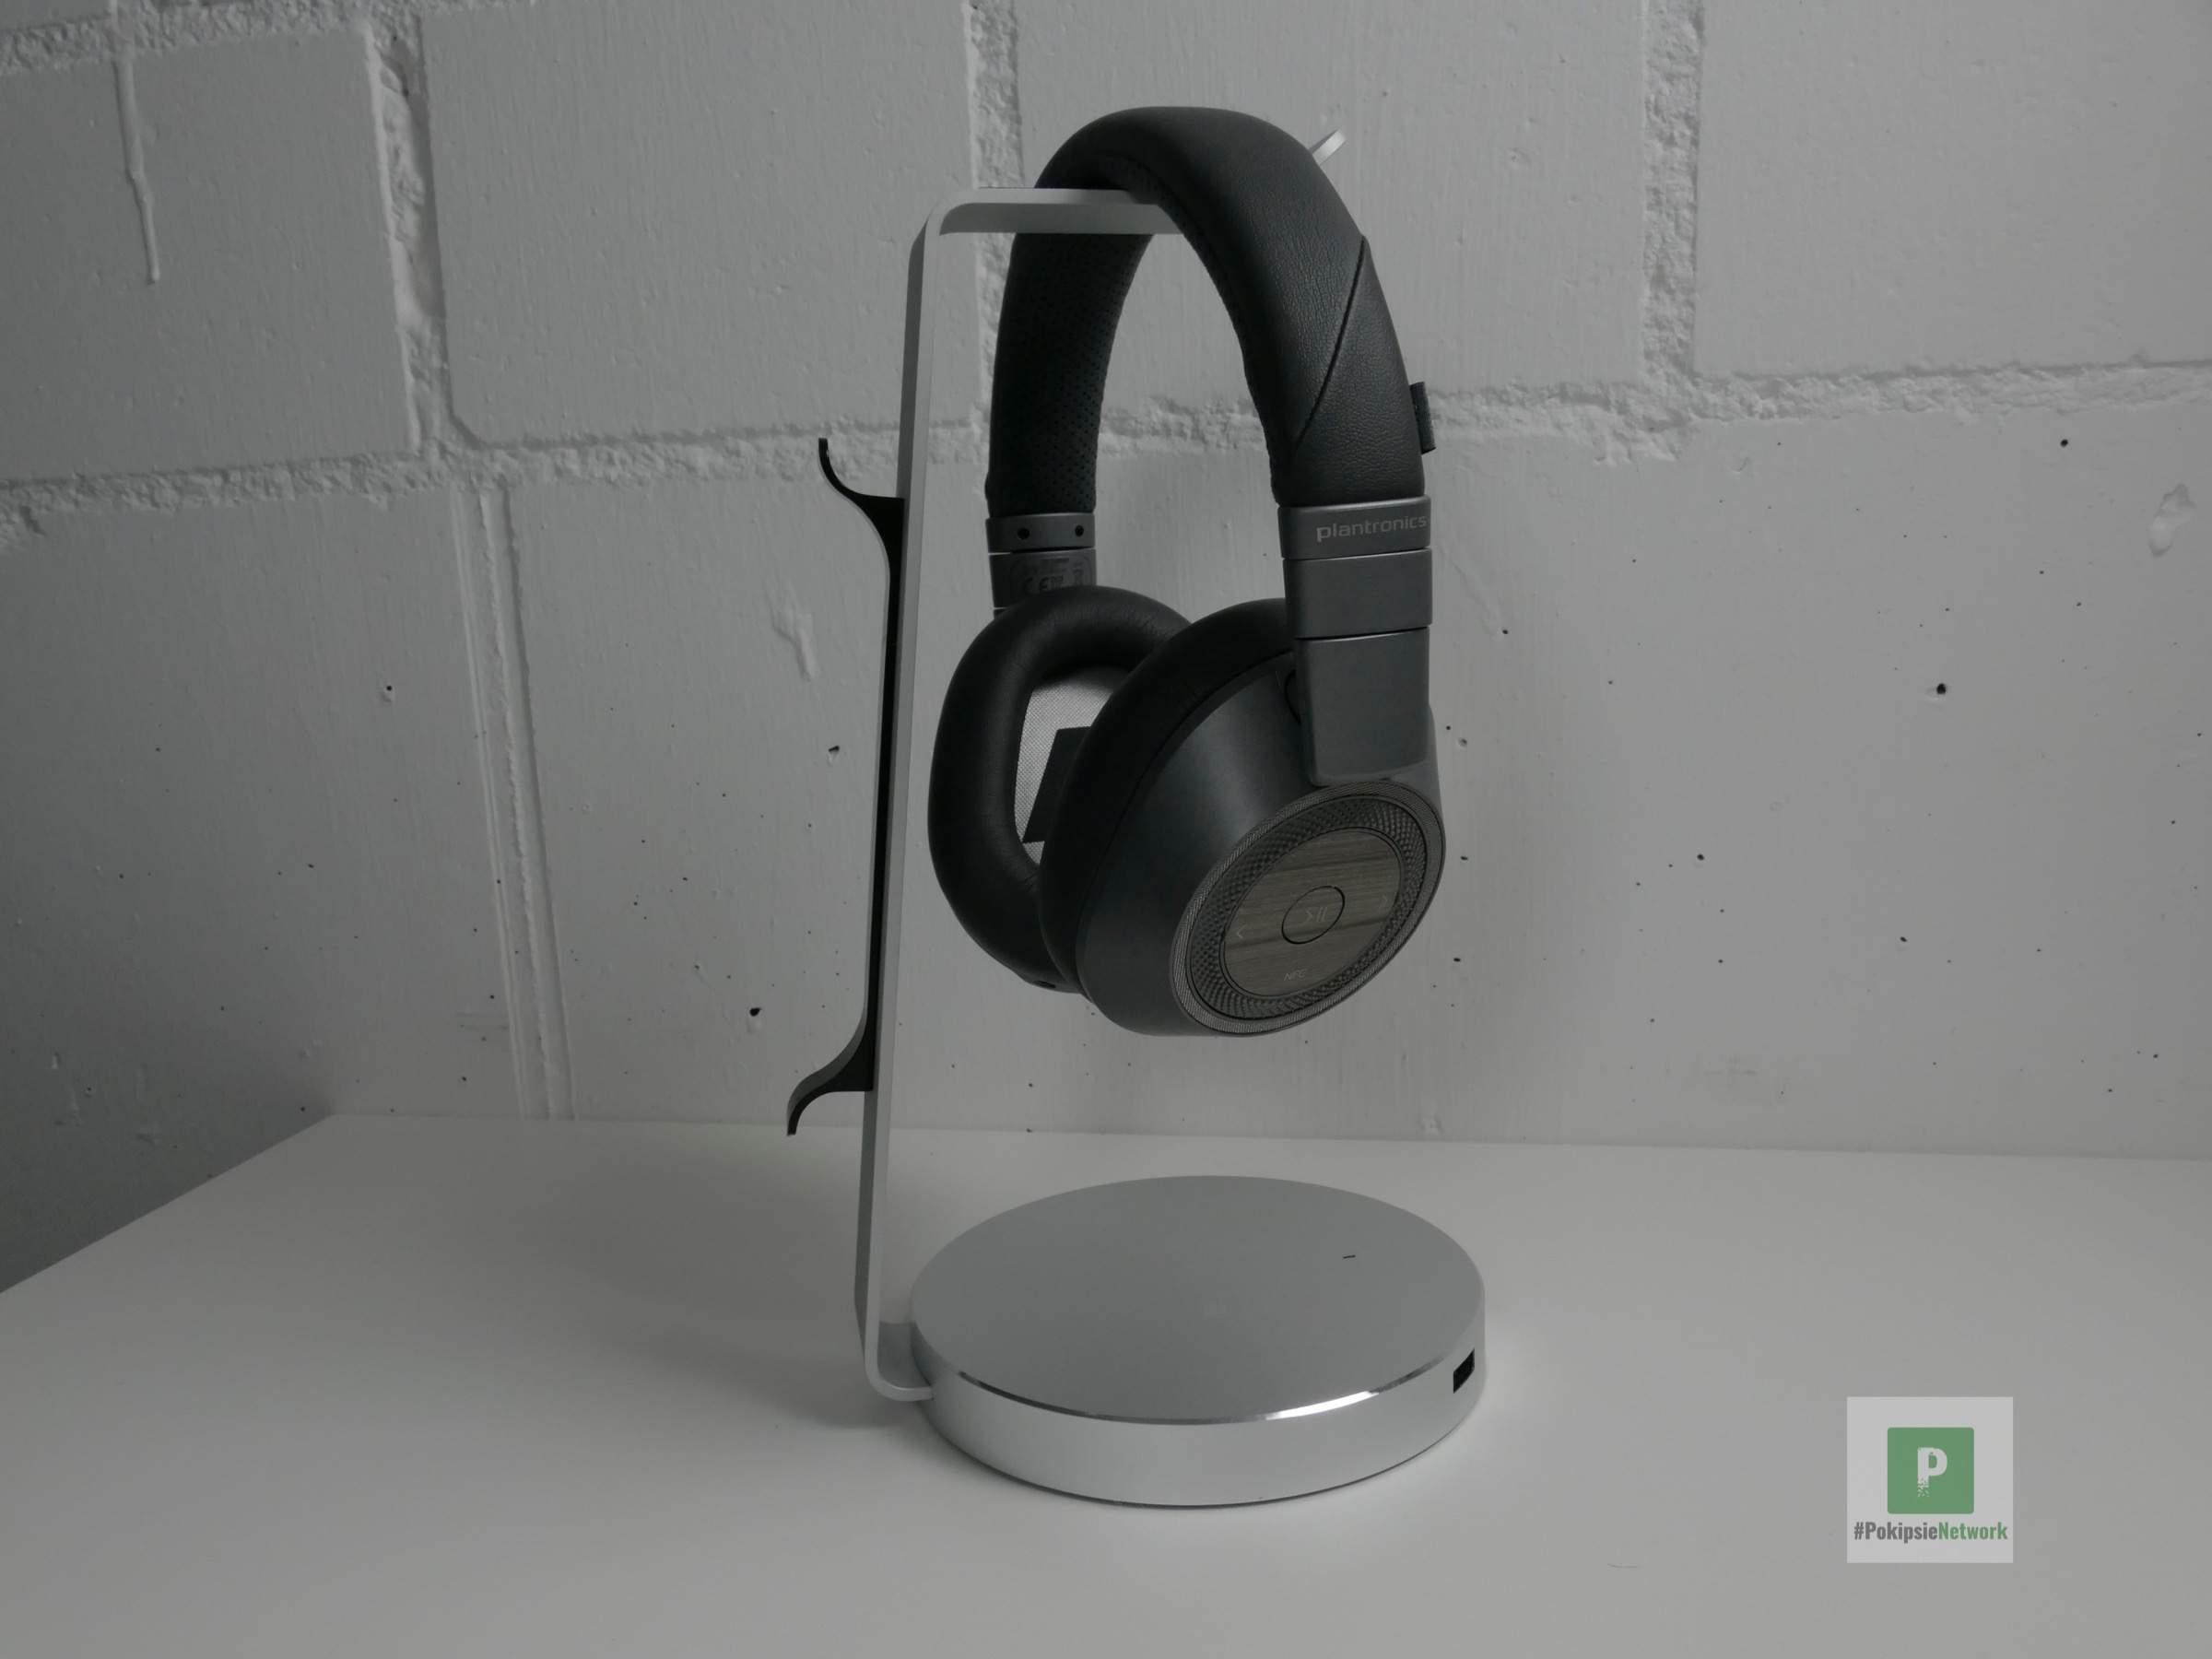 Kopfhörer auf dem Stand